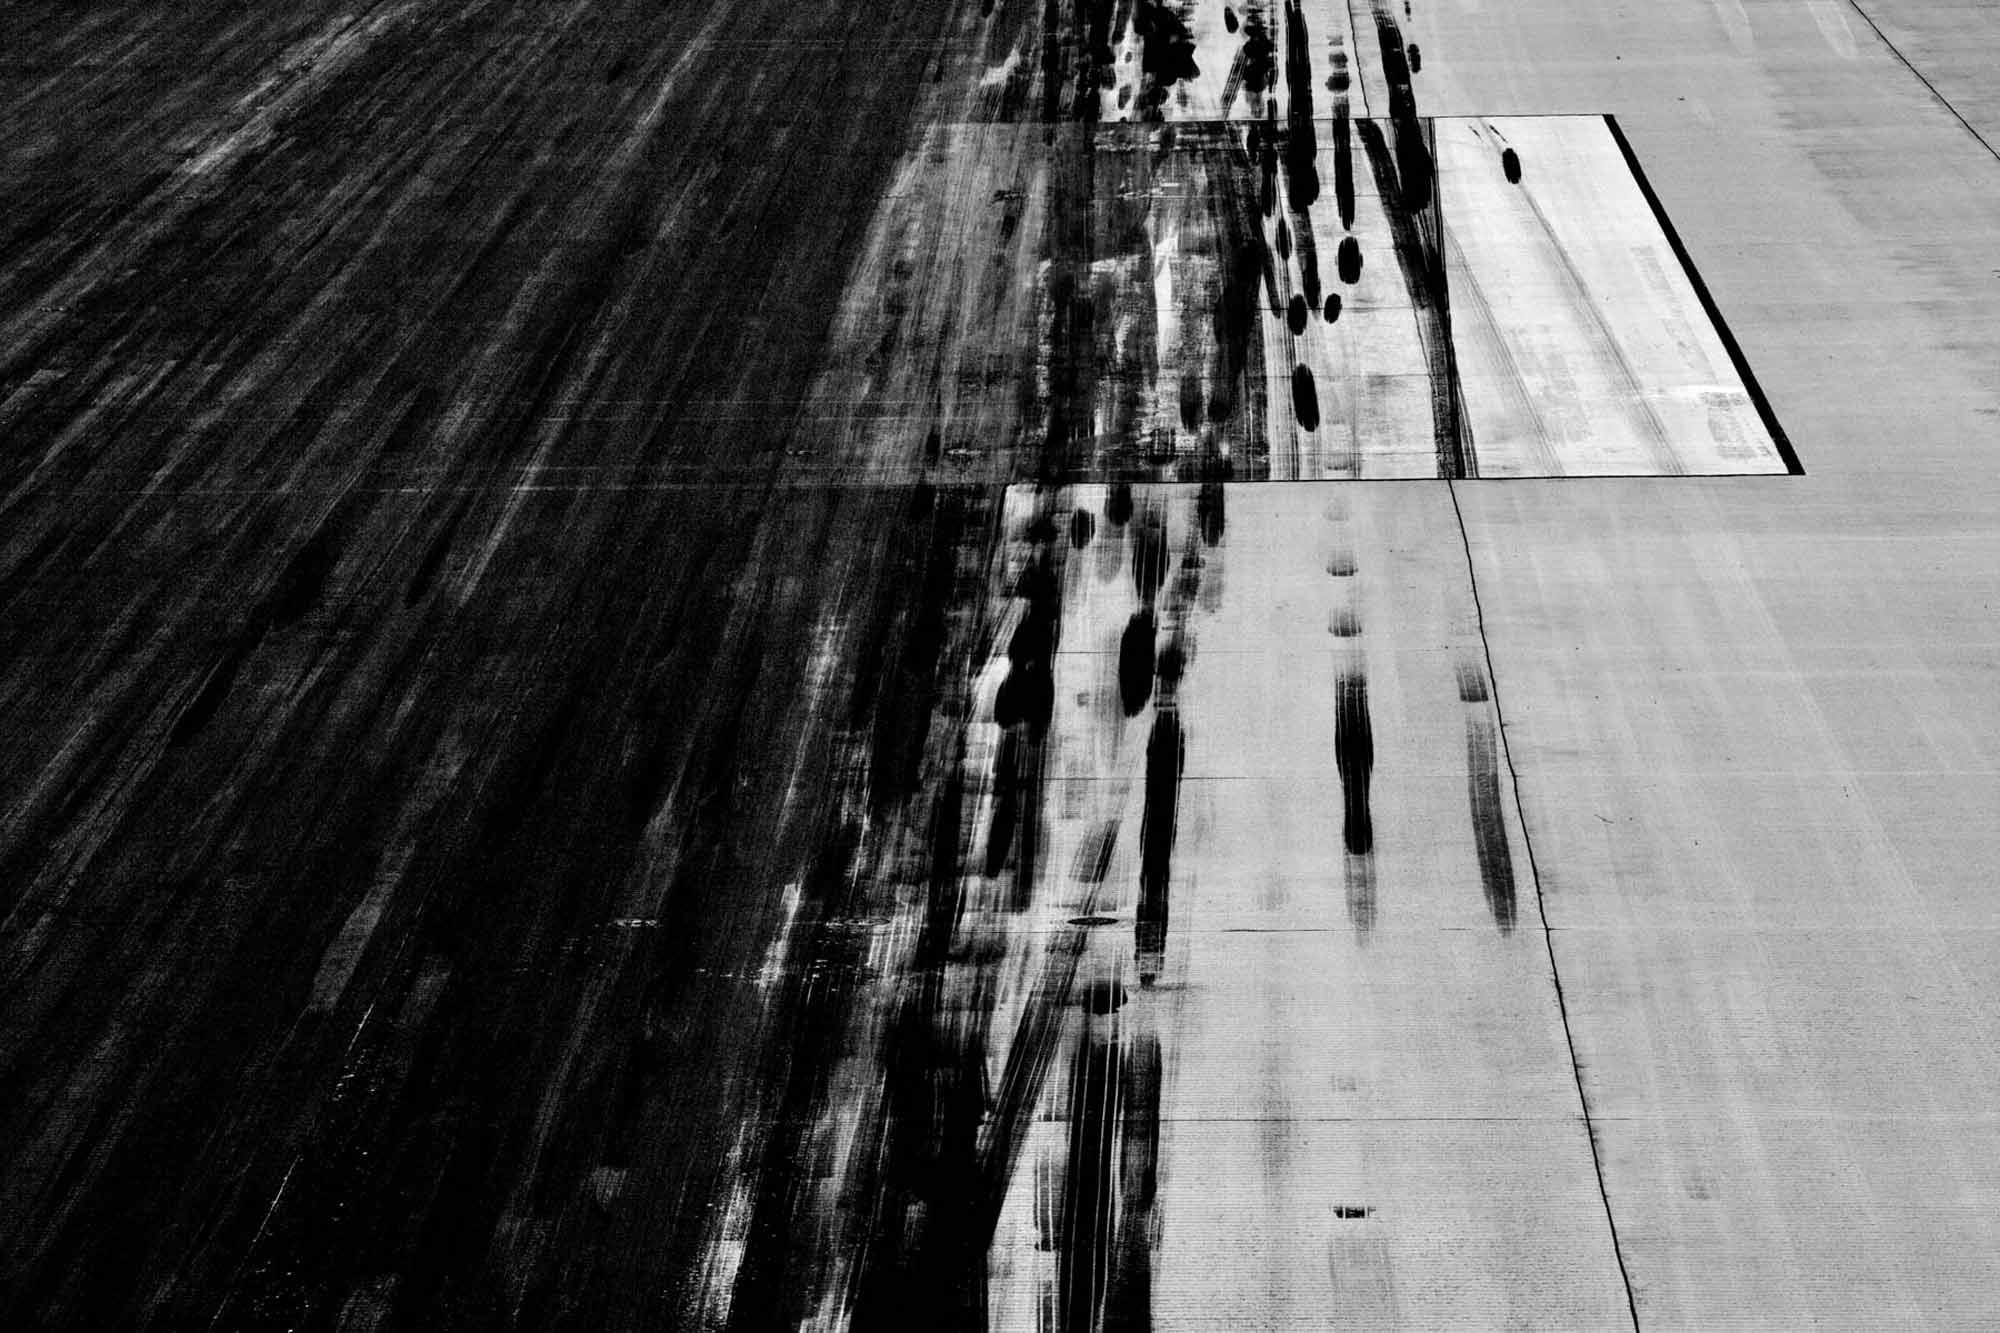 Tarmac - Yann Arthus-Bertrand